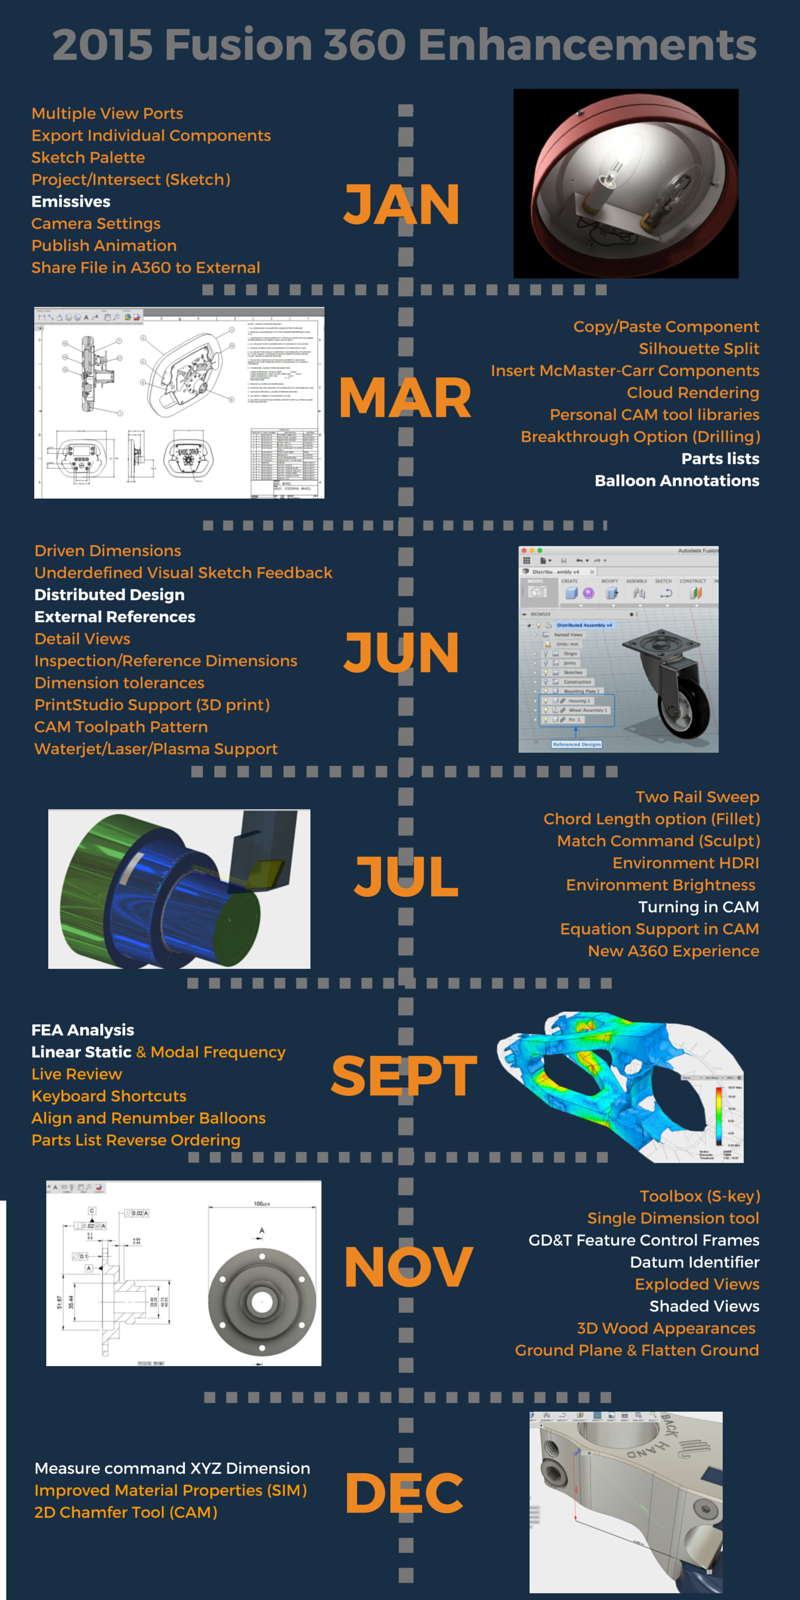 2015 Fusion Enhancements